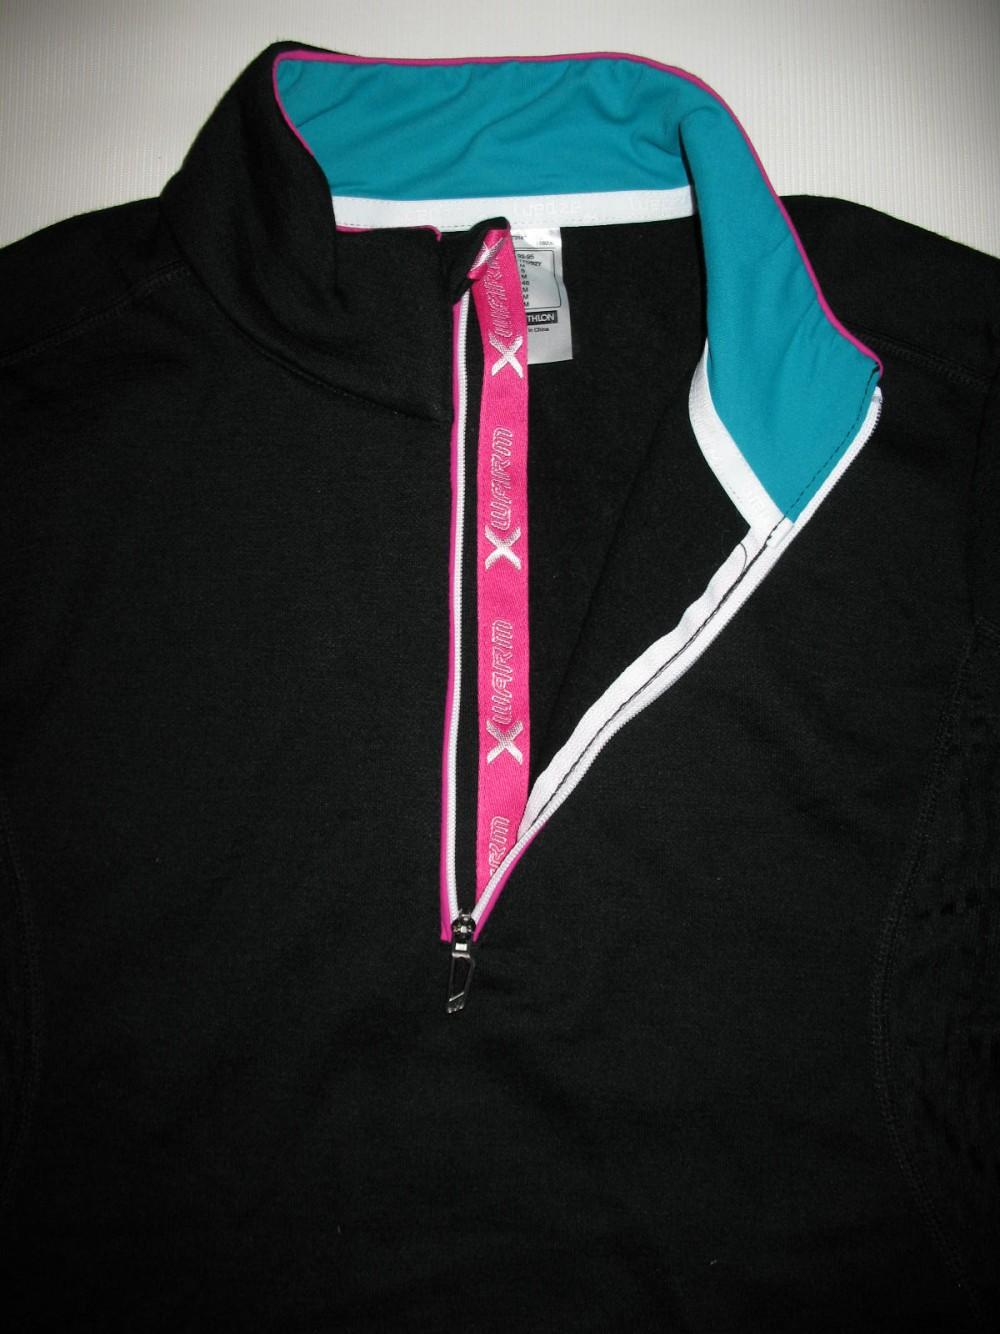 Кофта WEDZE xwarm jersey lady (размер S/М) - 3